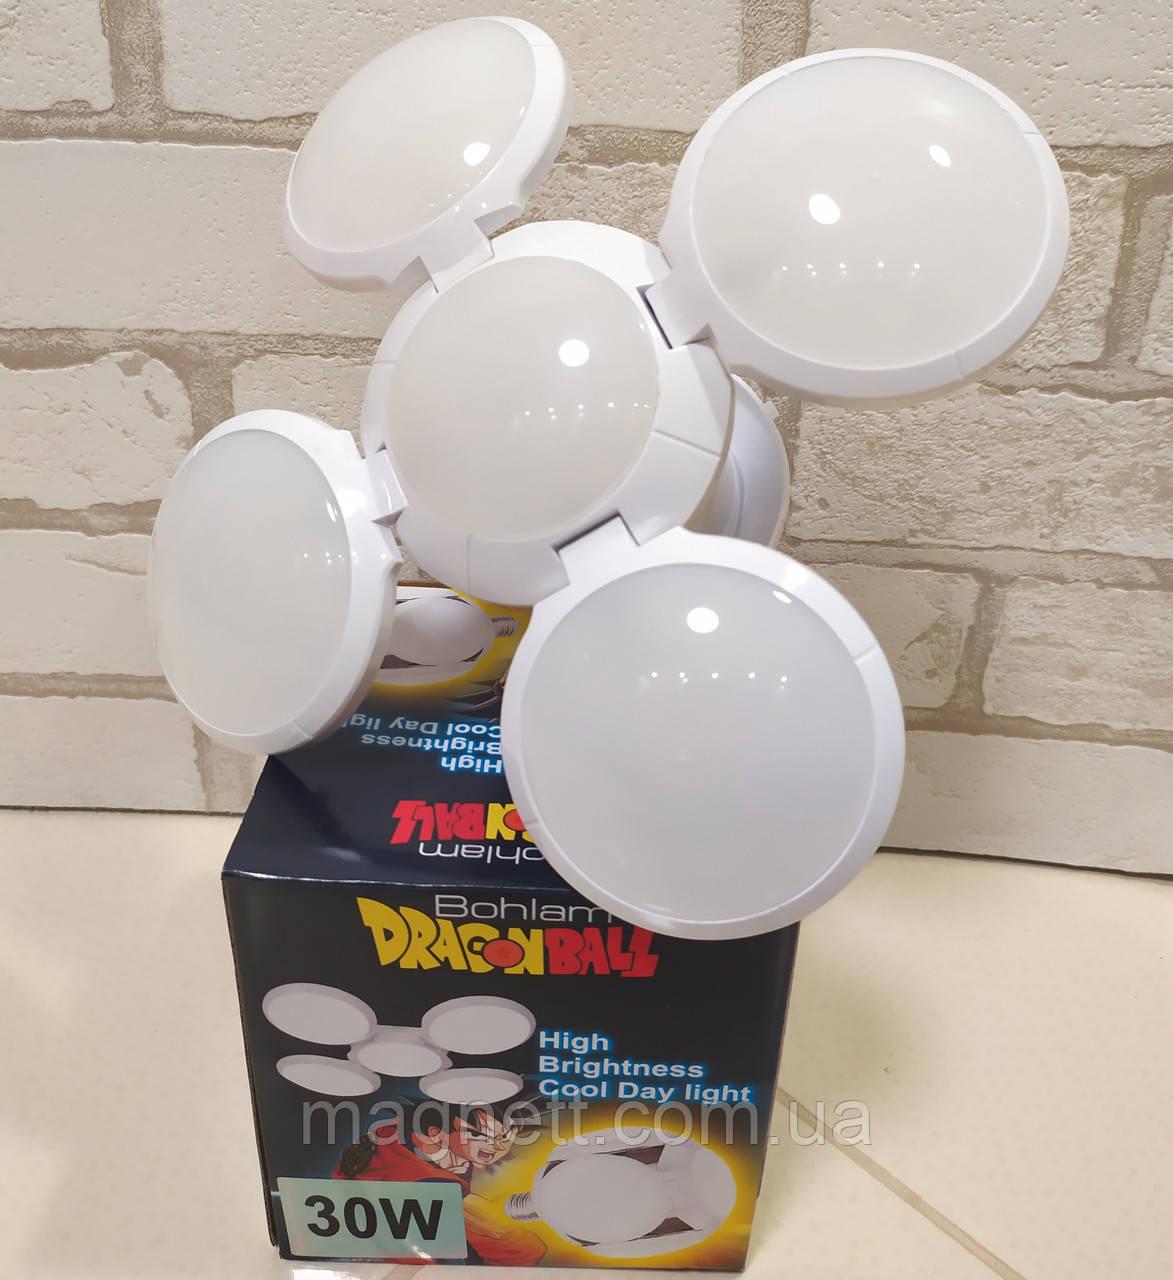 Универсальная деформируемая складная лампа 30W E27 Bohlam Dragonball